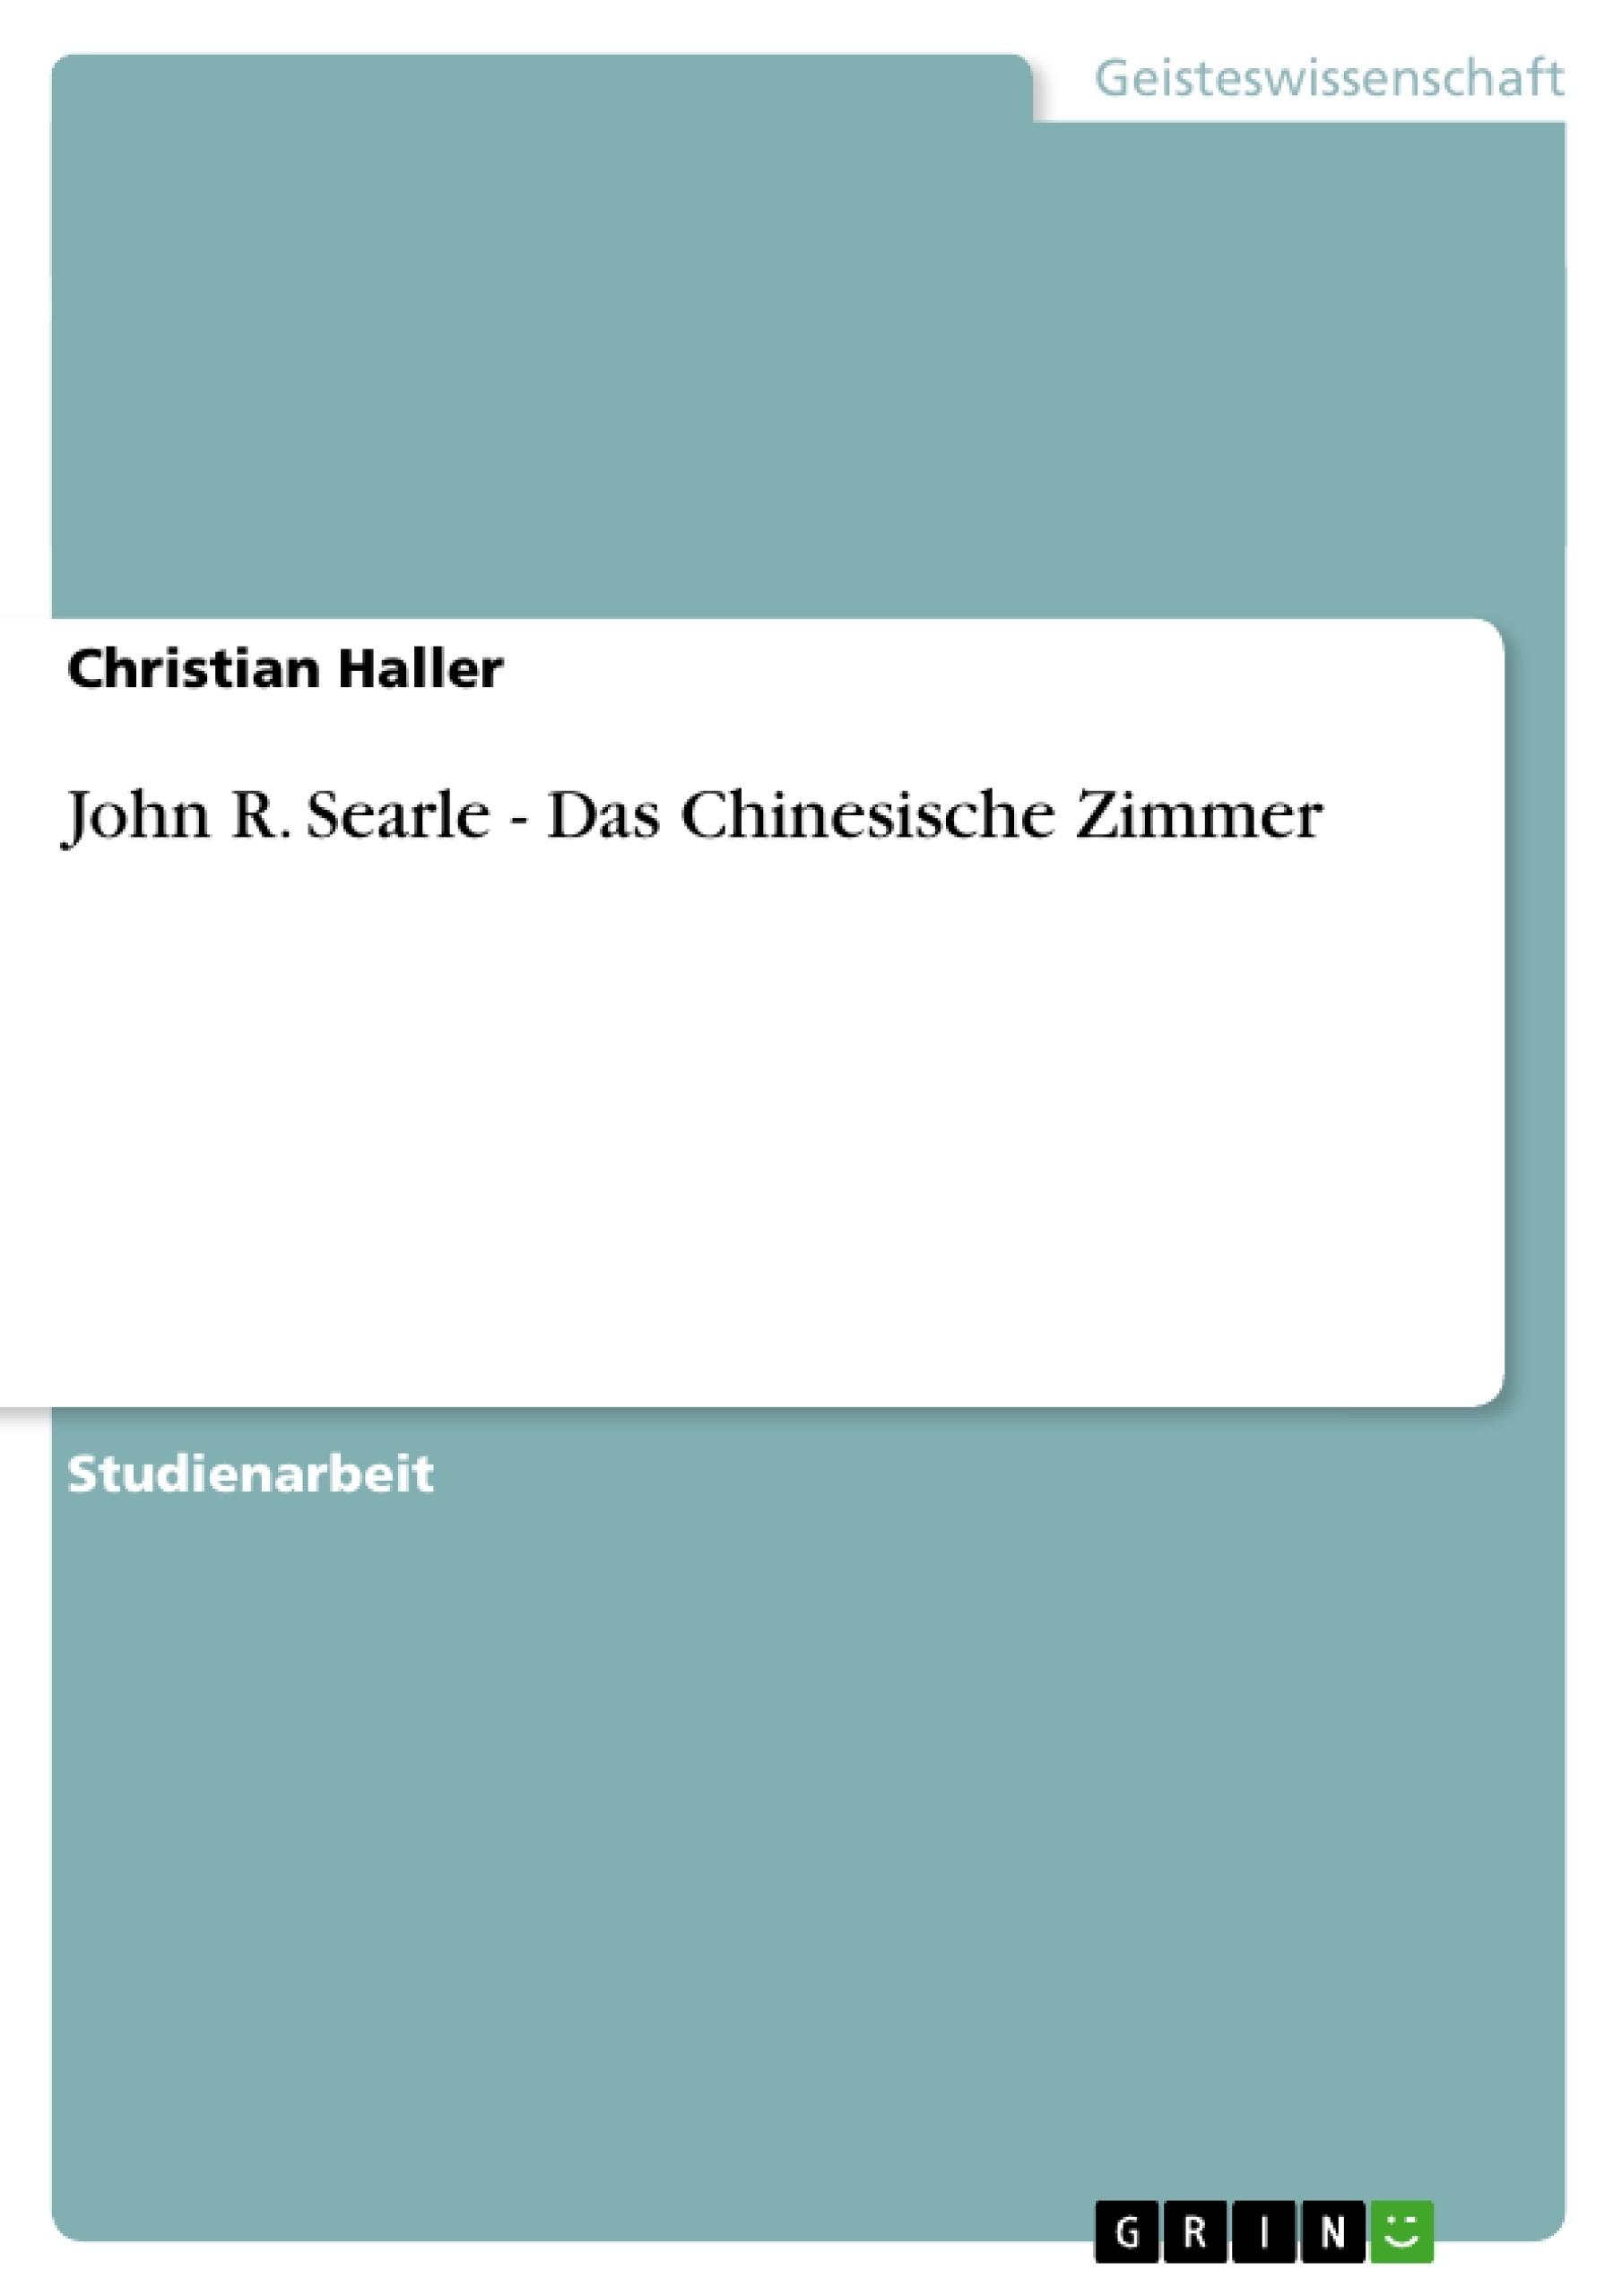 Titel: John R. Searle - Das Chinesische Zimmer